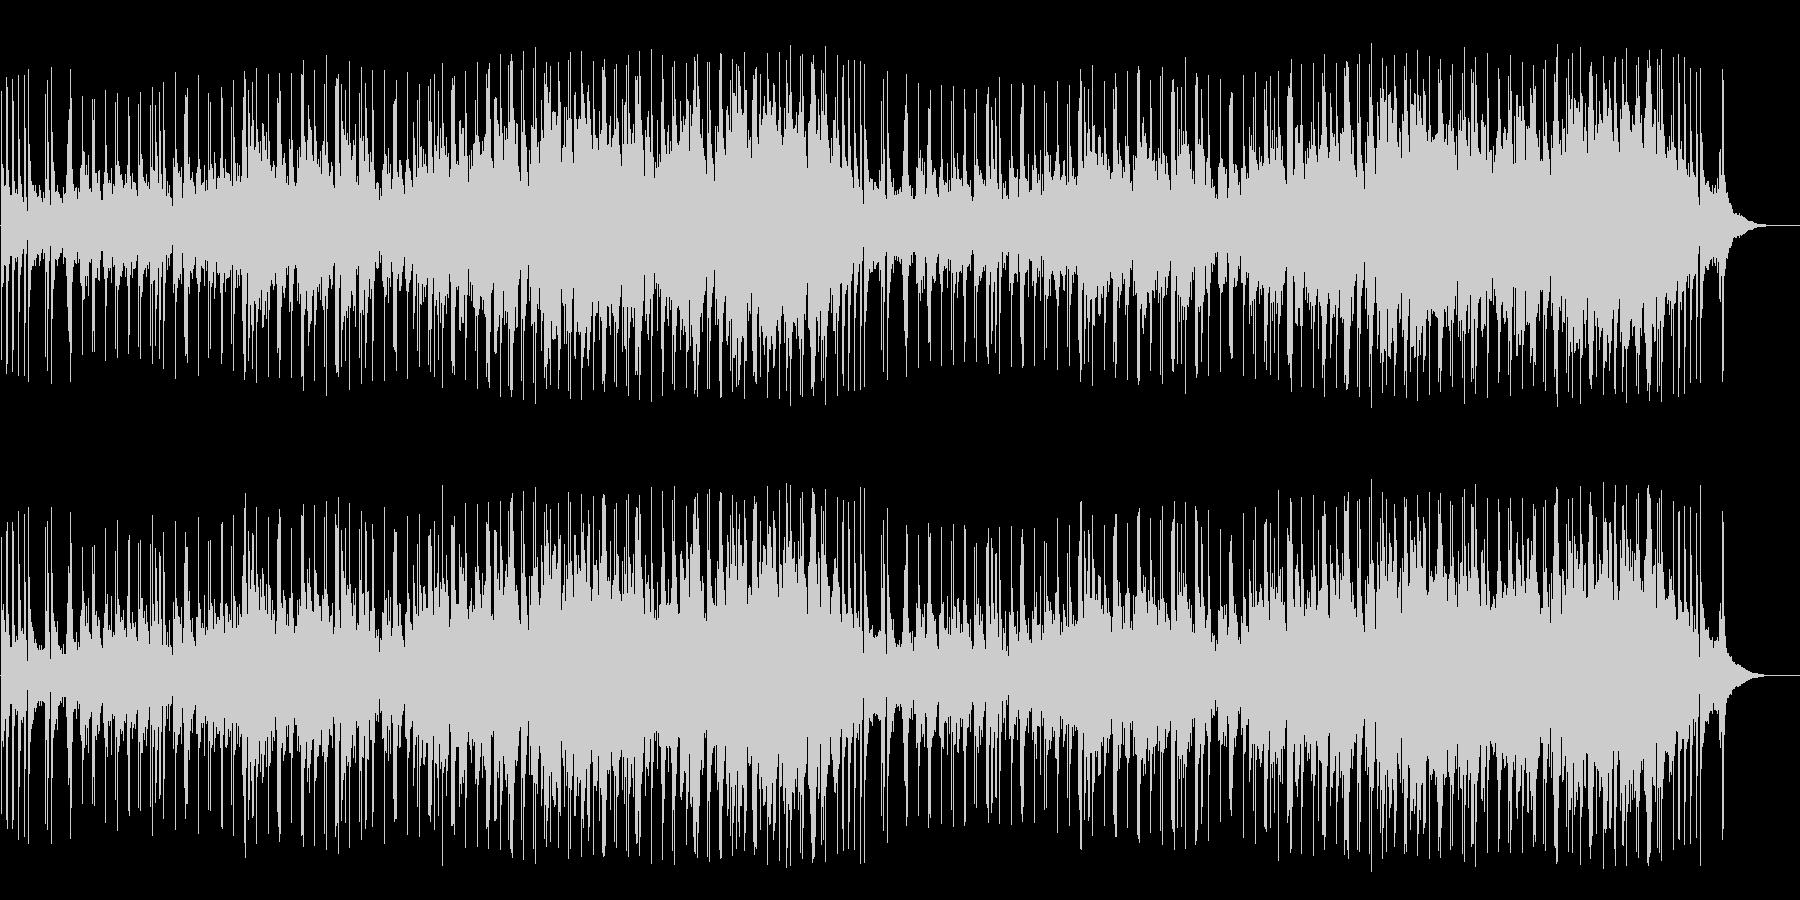 ちょっと感傷的なバラード/ポップの未再生の波形